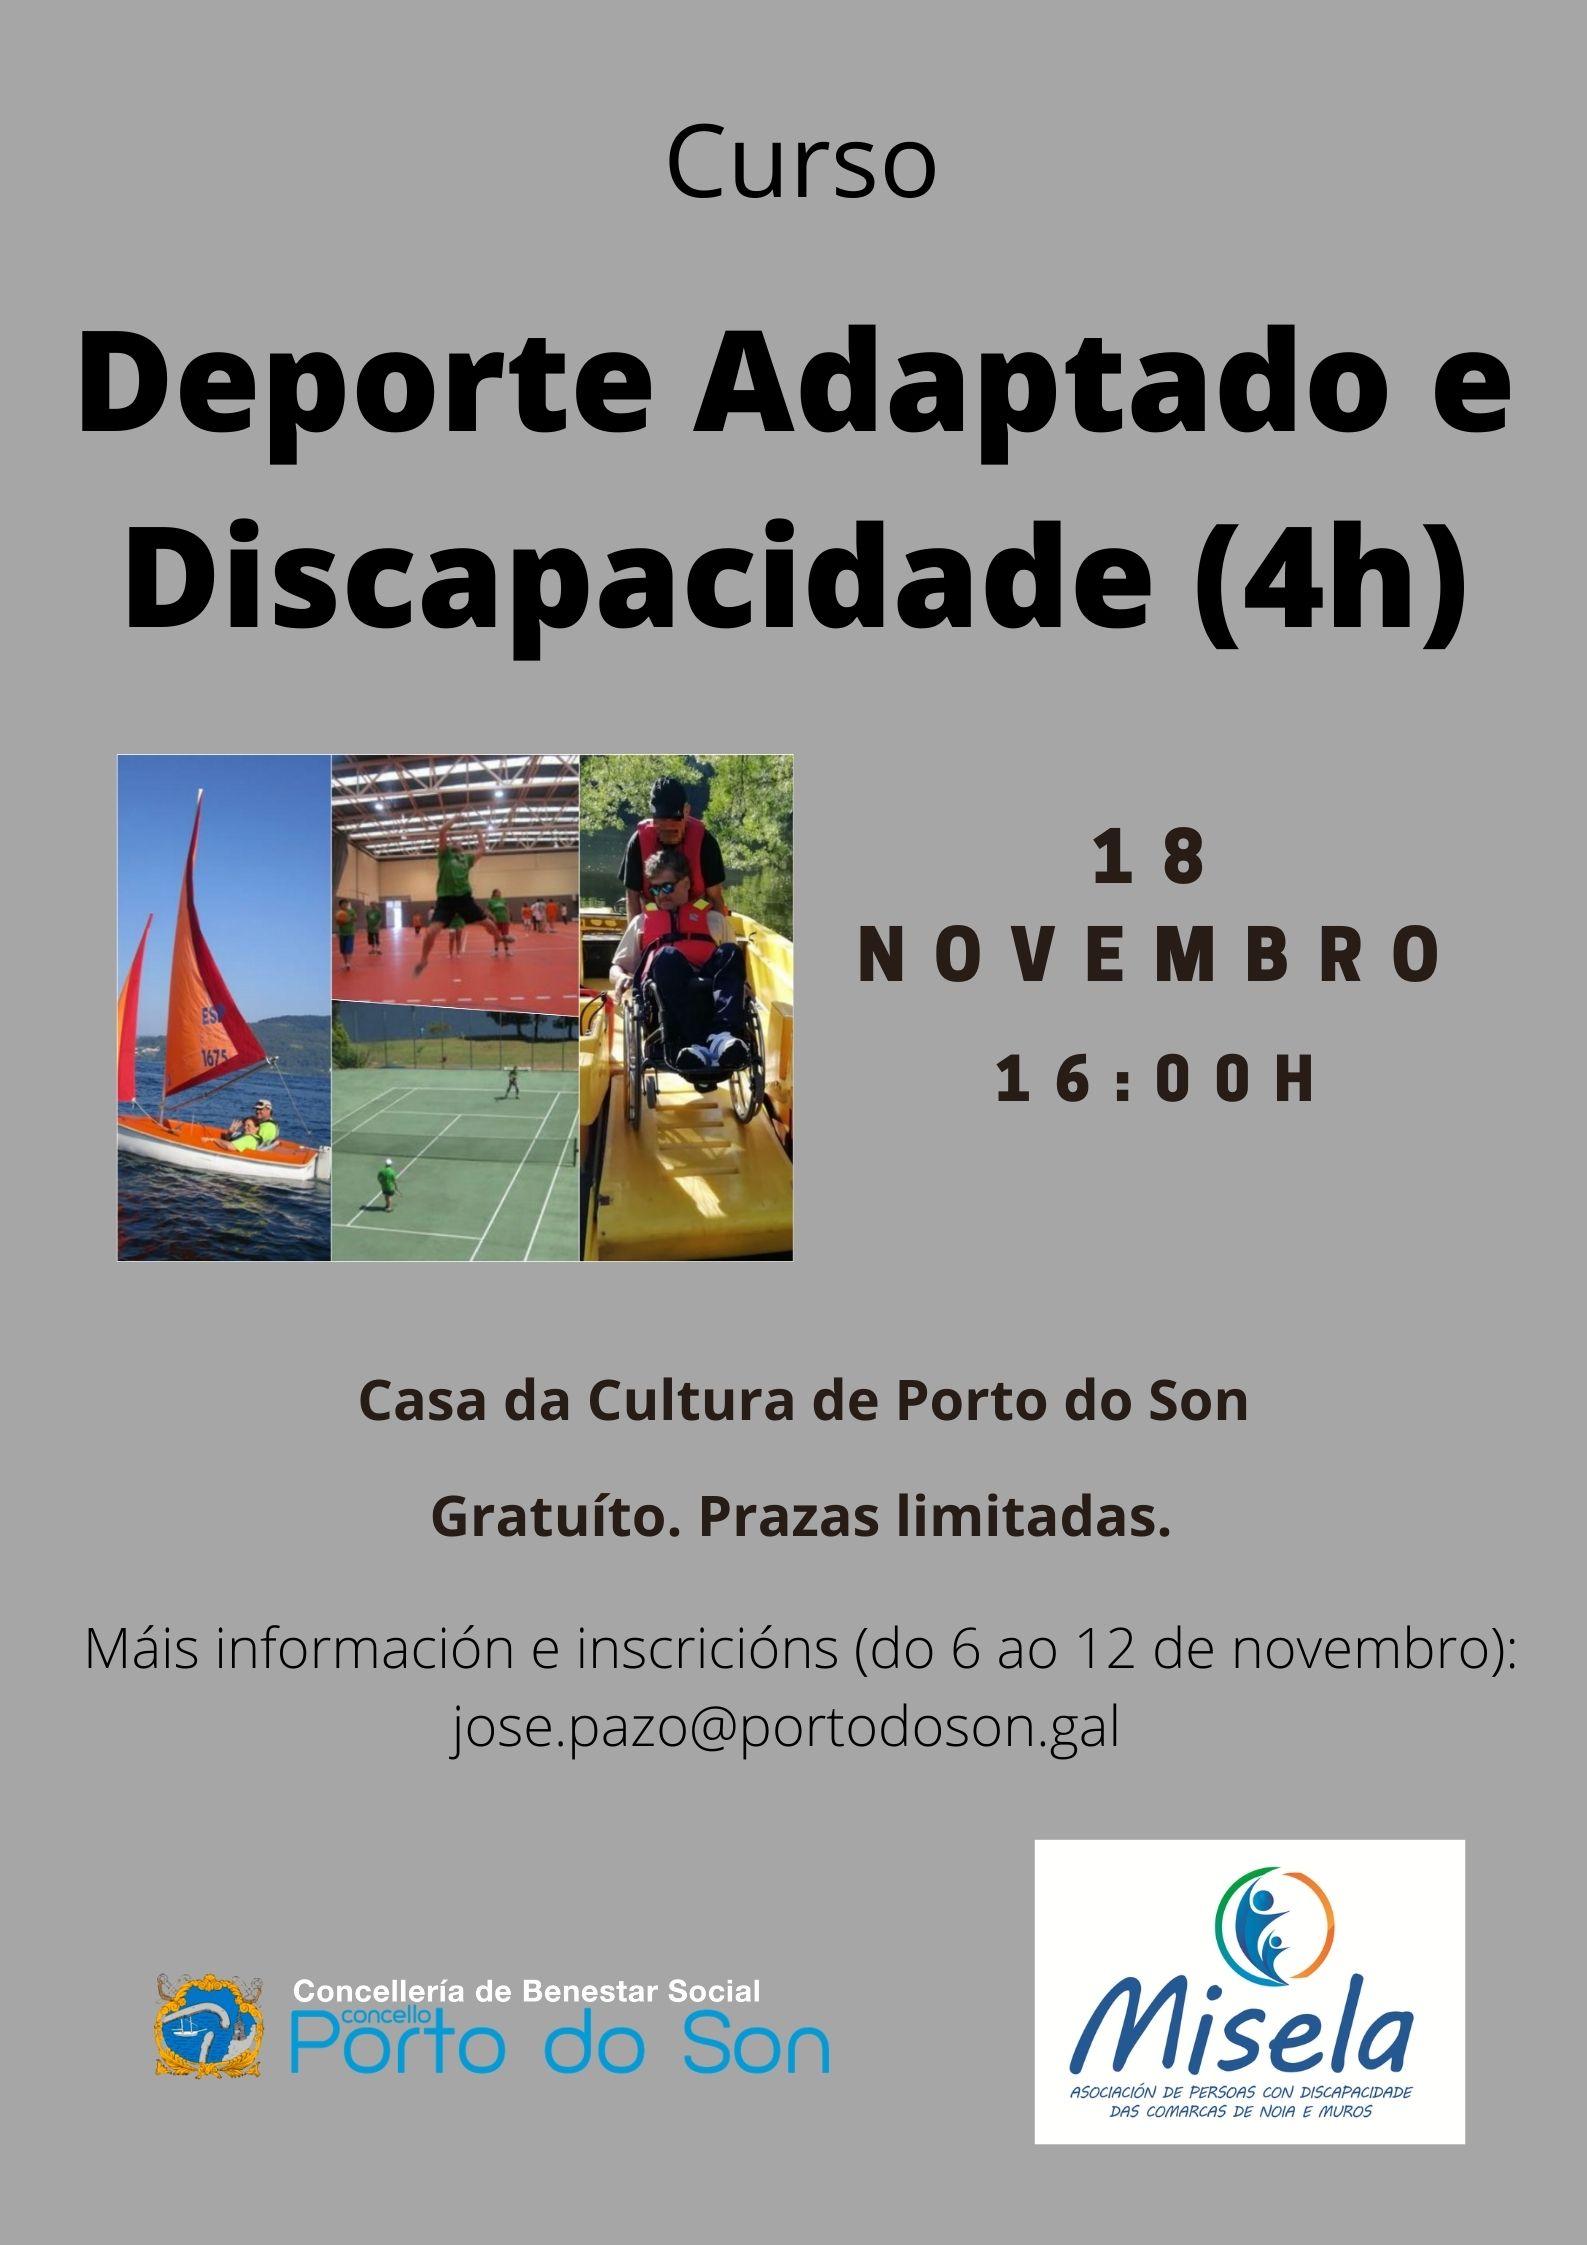 cartel curso deporte adaptado novembro 2020